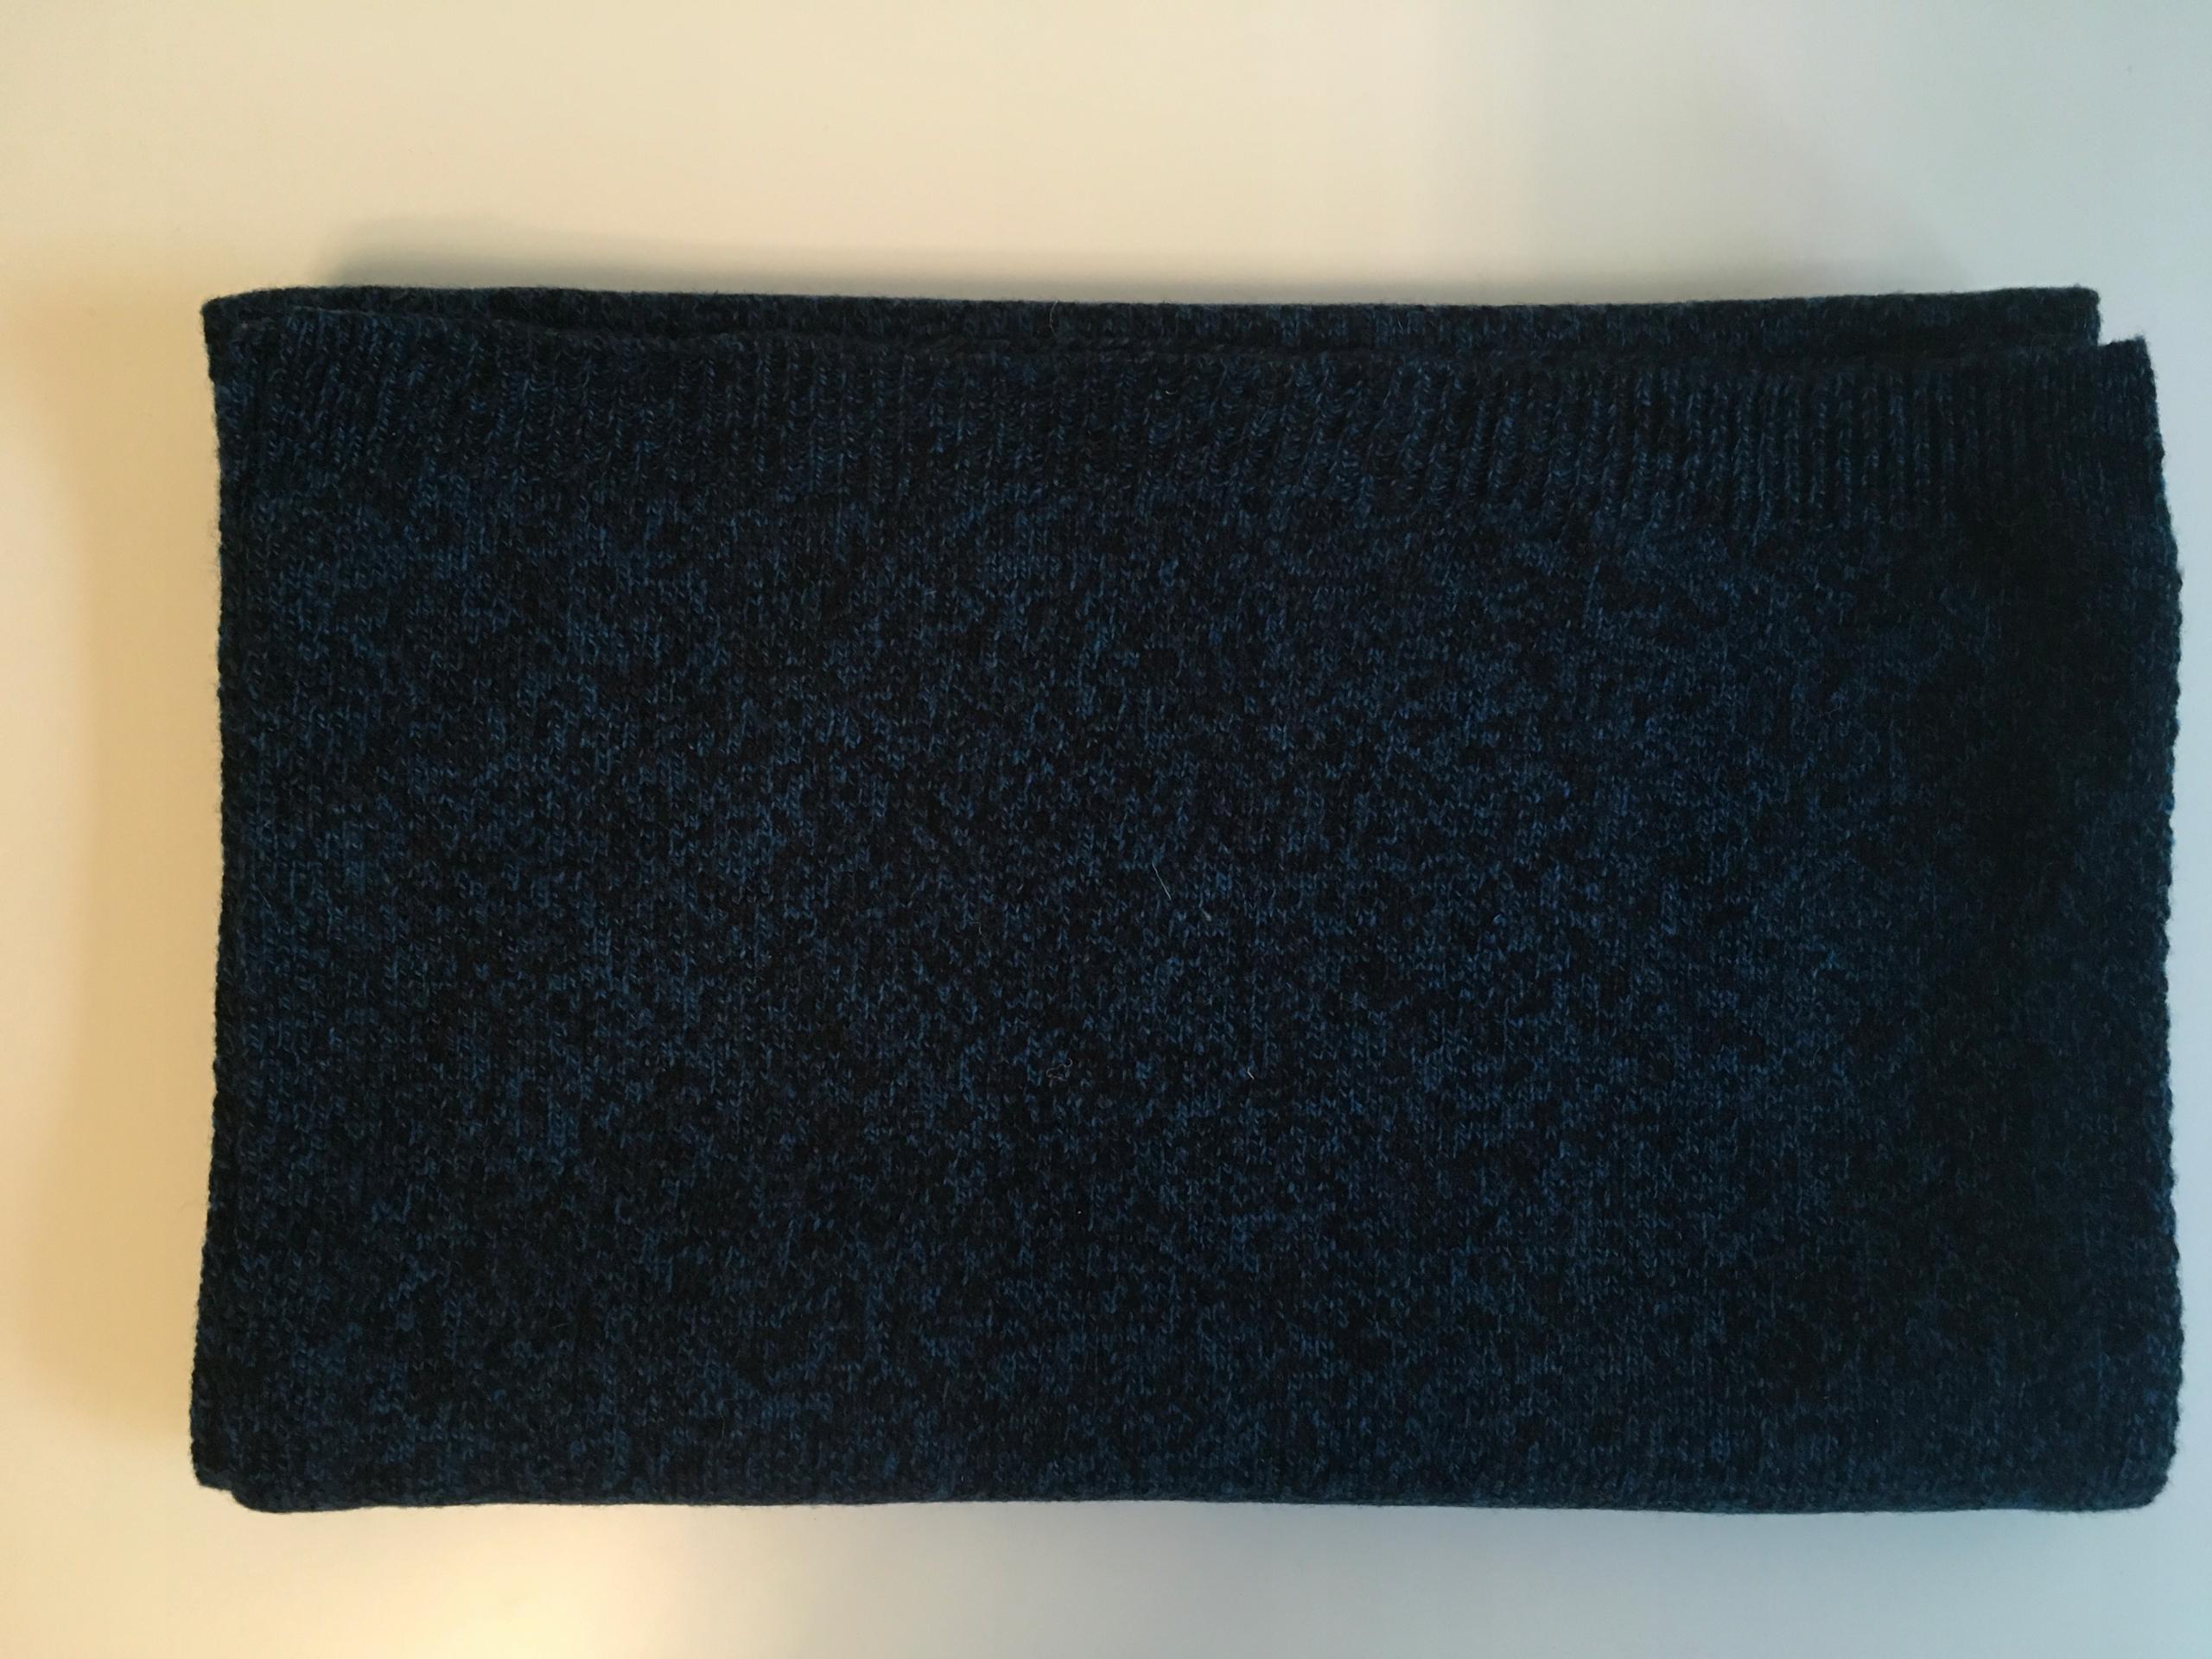 COS szalik, melanż niebieski, 190 x 35